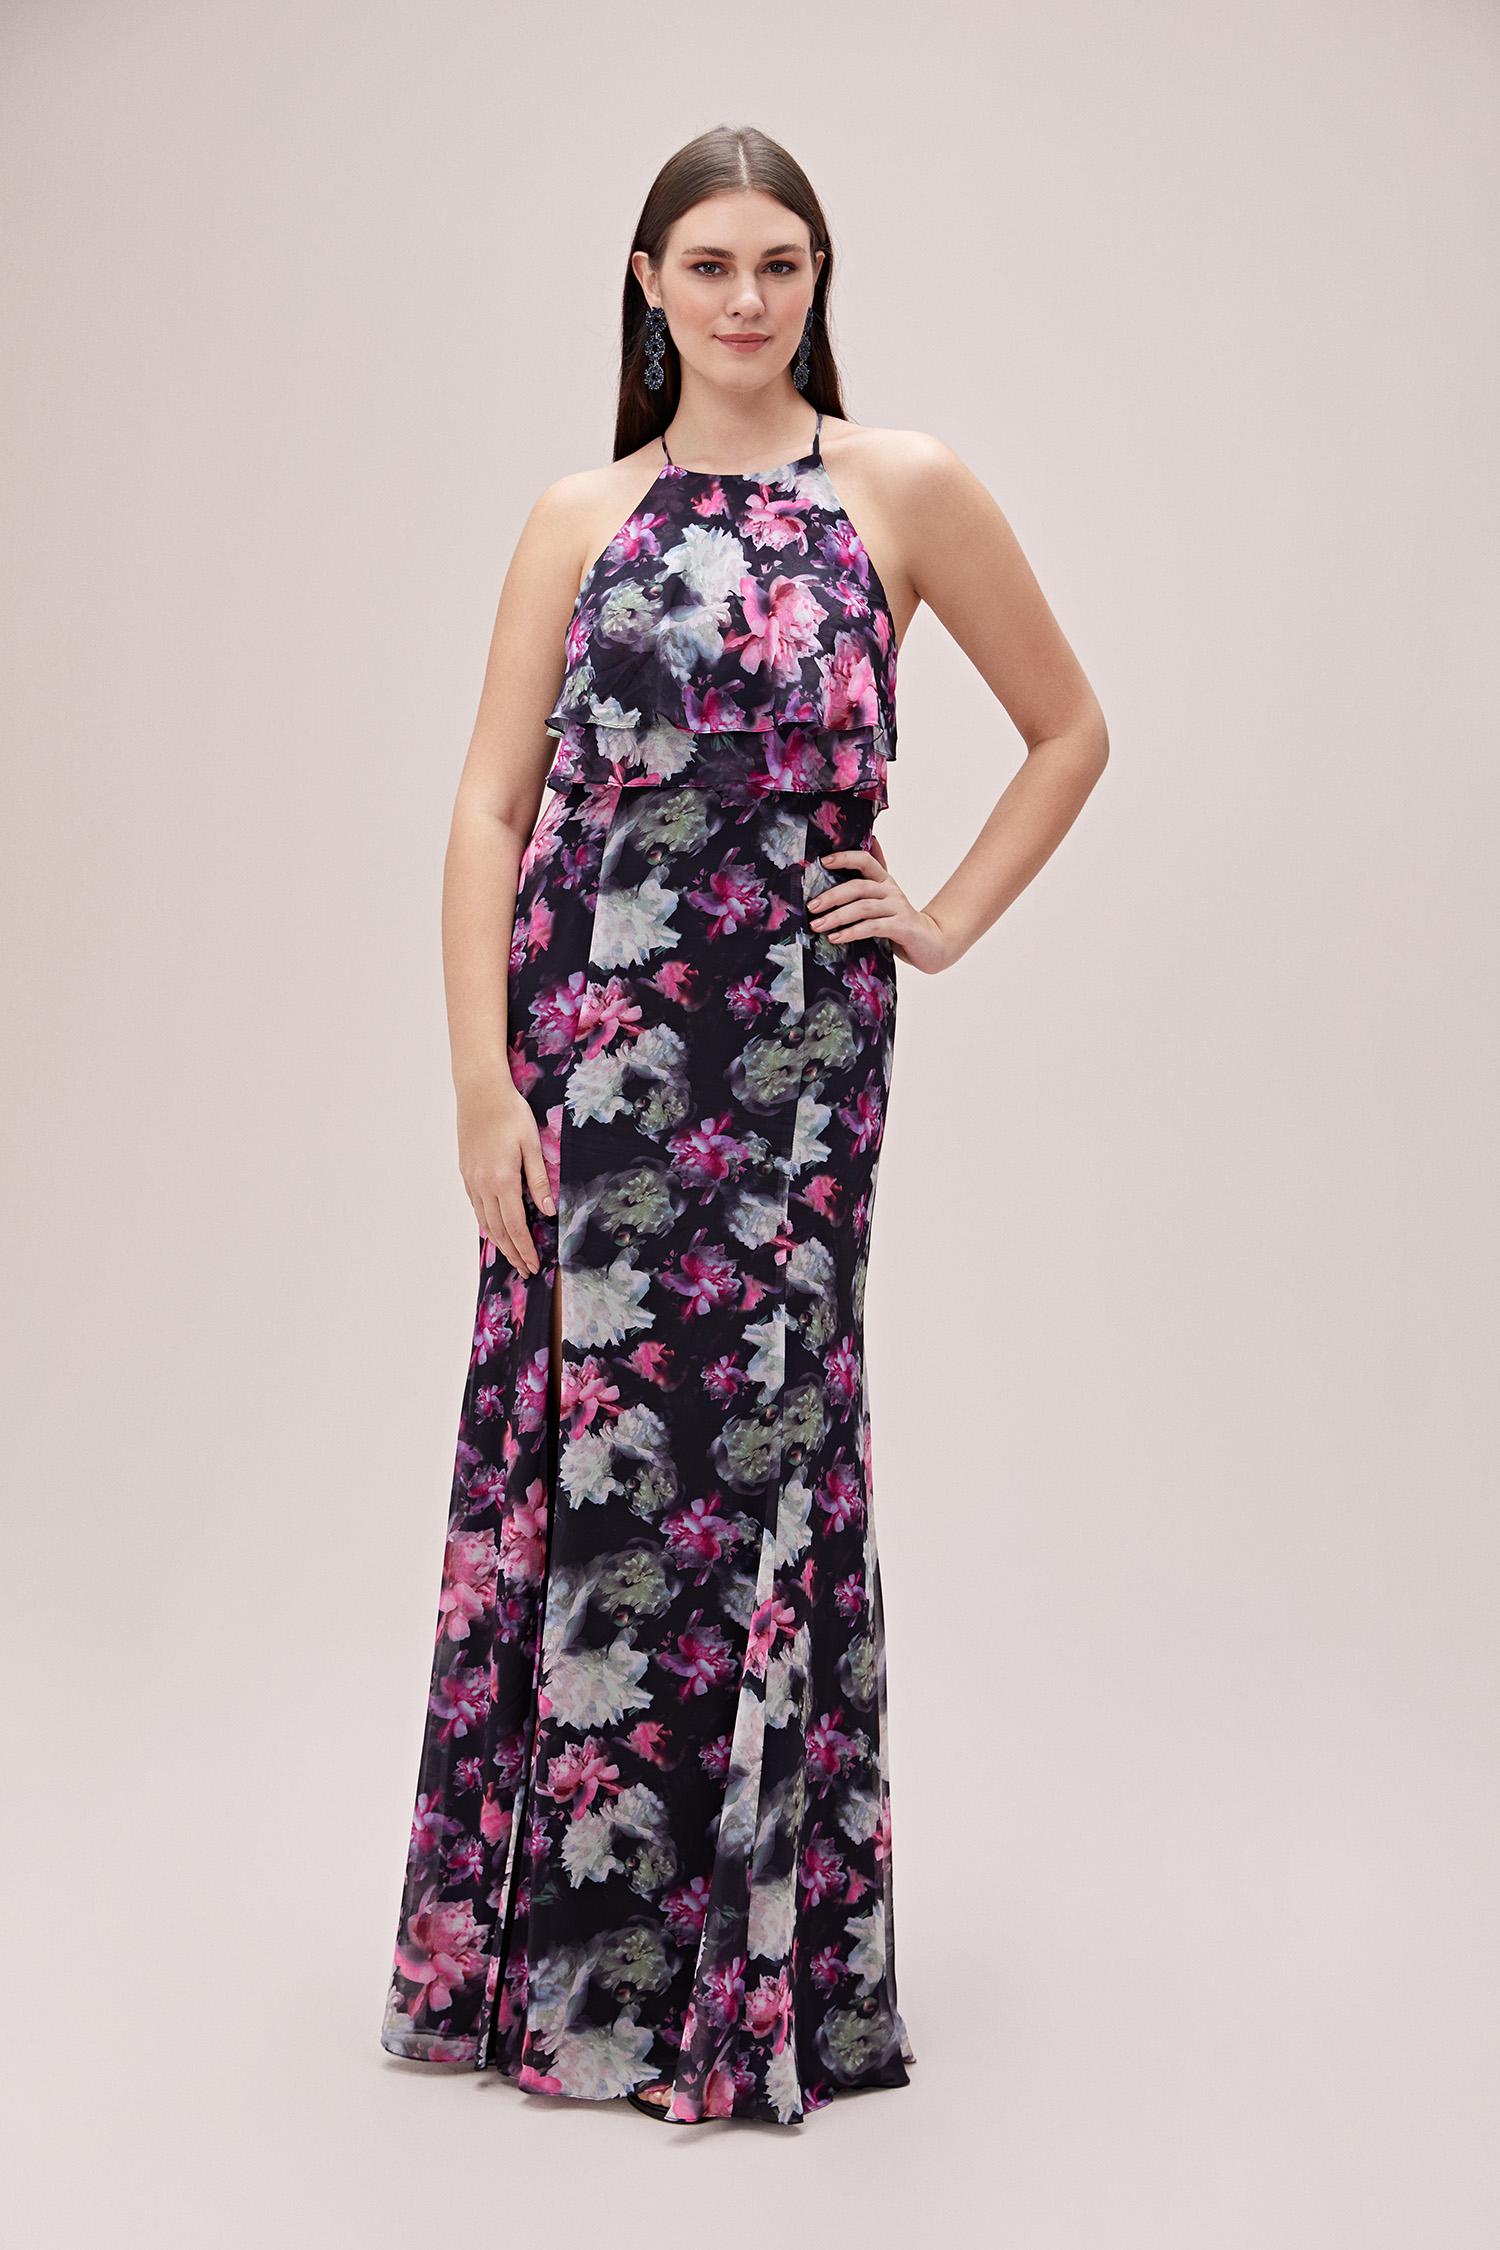 Siyah İp Bağlamalı Çiçekli Şifon Büyük Beden Elbise - Thumbnail